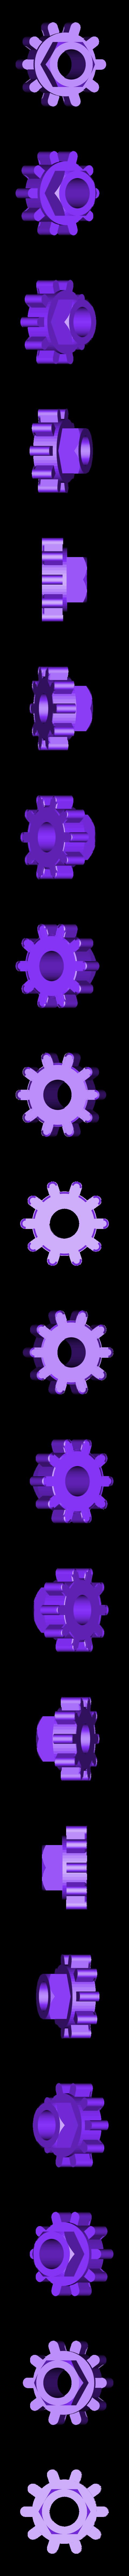 GripFan_Wheel_3A.stl Télécharger fichier STL gratuit Cool Squeeze - Ventilateur de préhension • Plan imprimable en 3D, Zippityboomba